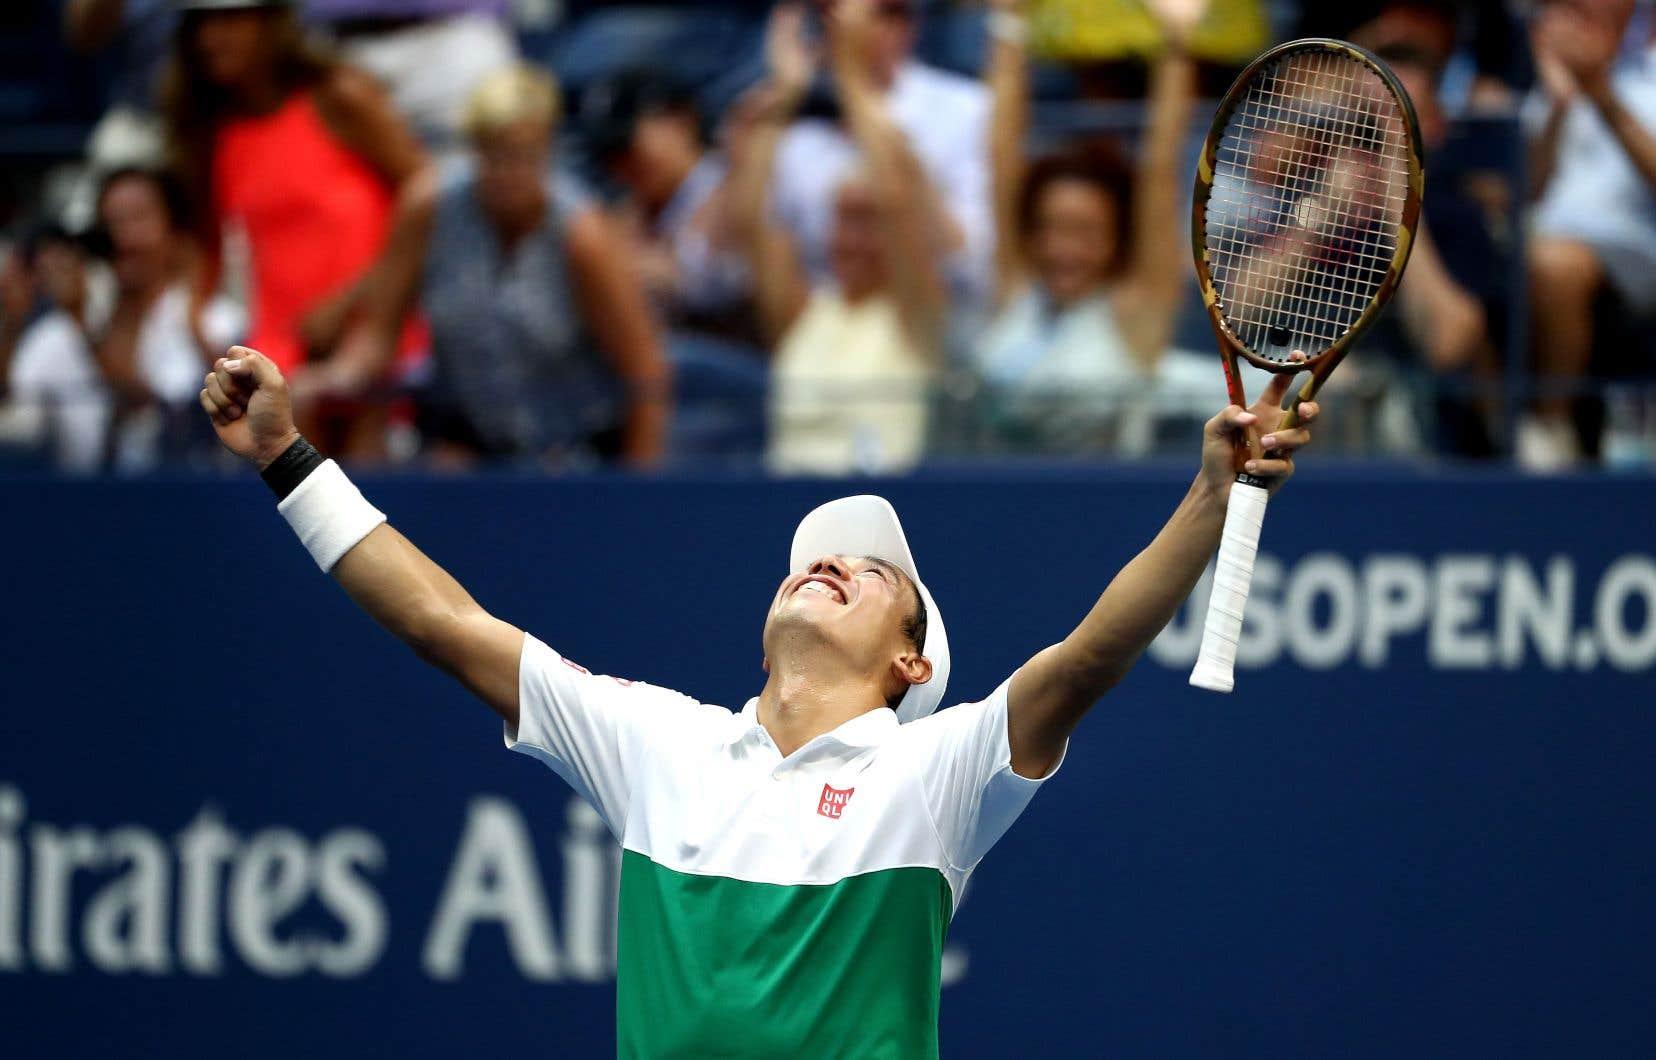 À 28ans, le Japonais Kei Nishikori confirme son retour au plus haut niveau.